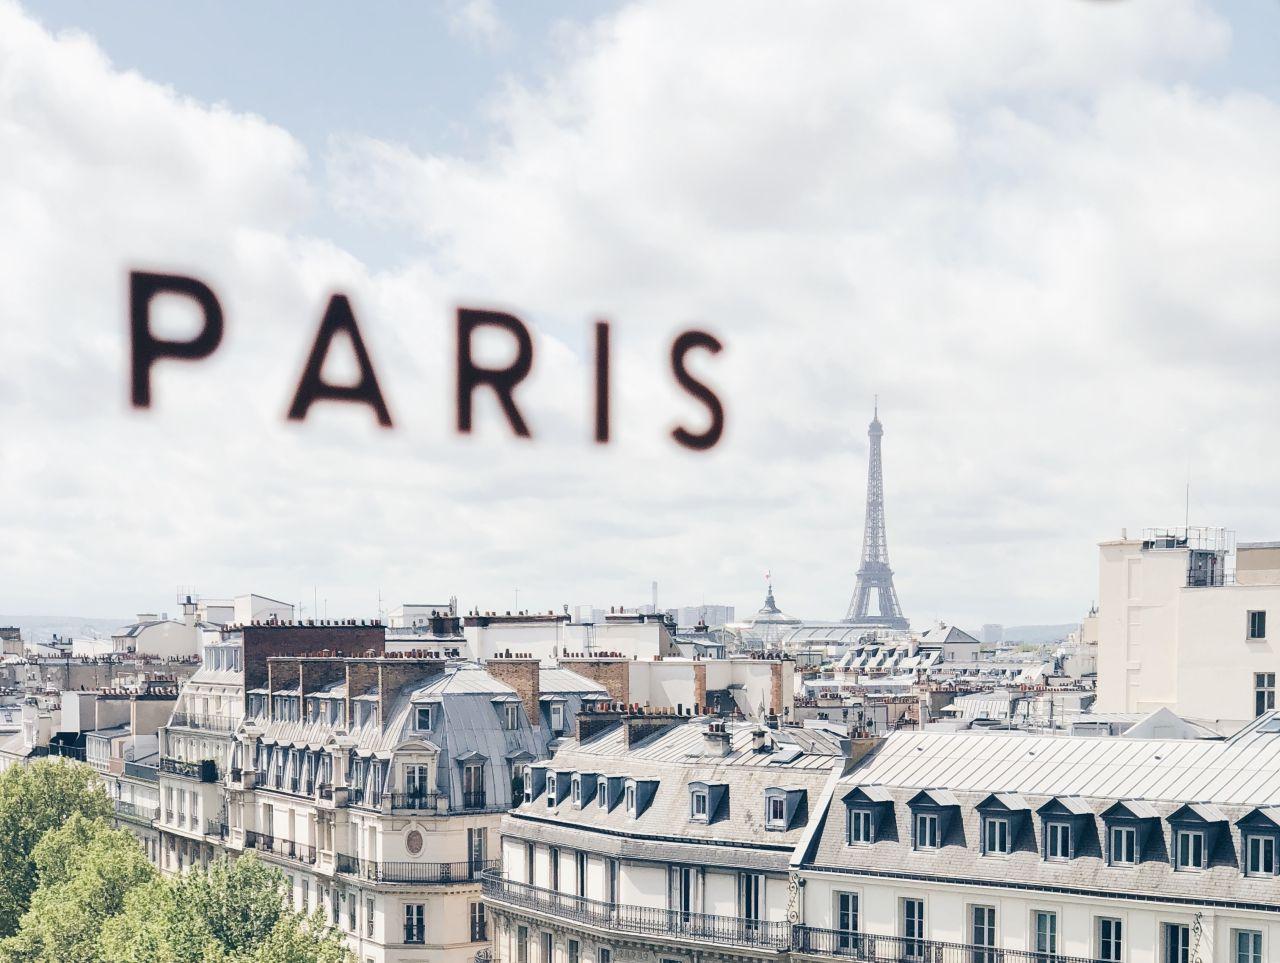 【巴黎住宿推薦】巴黎安全住宿區域,陽台美景公寓飯店整理